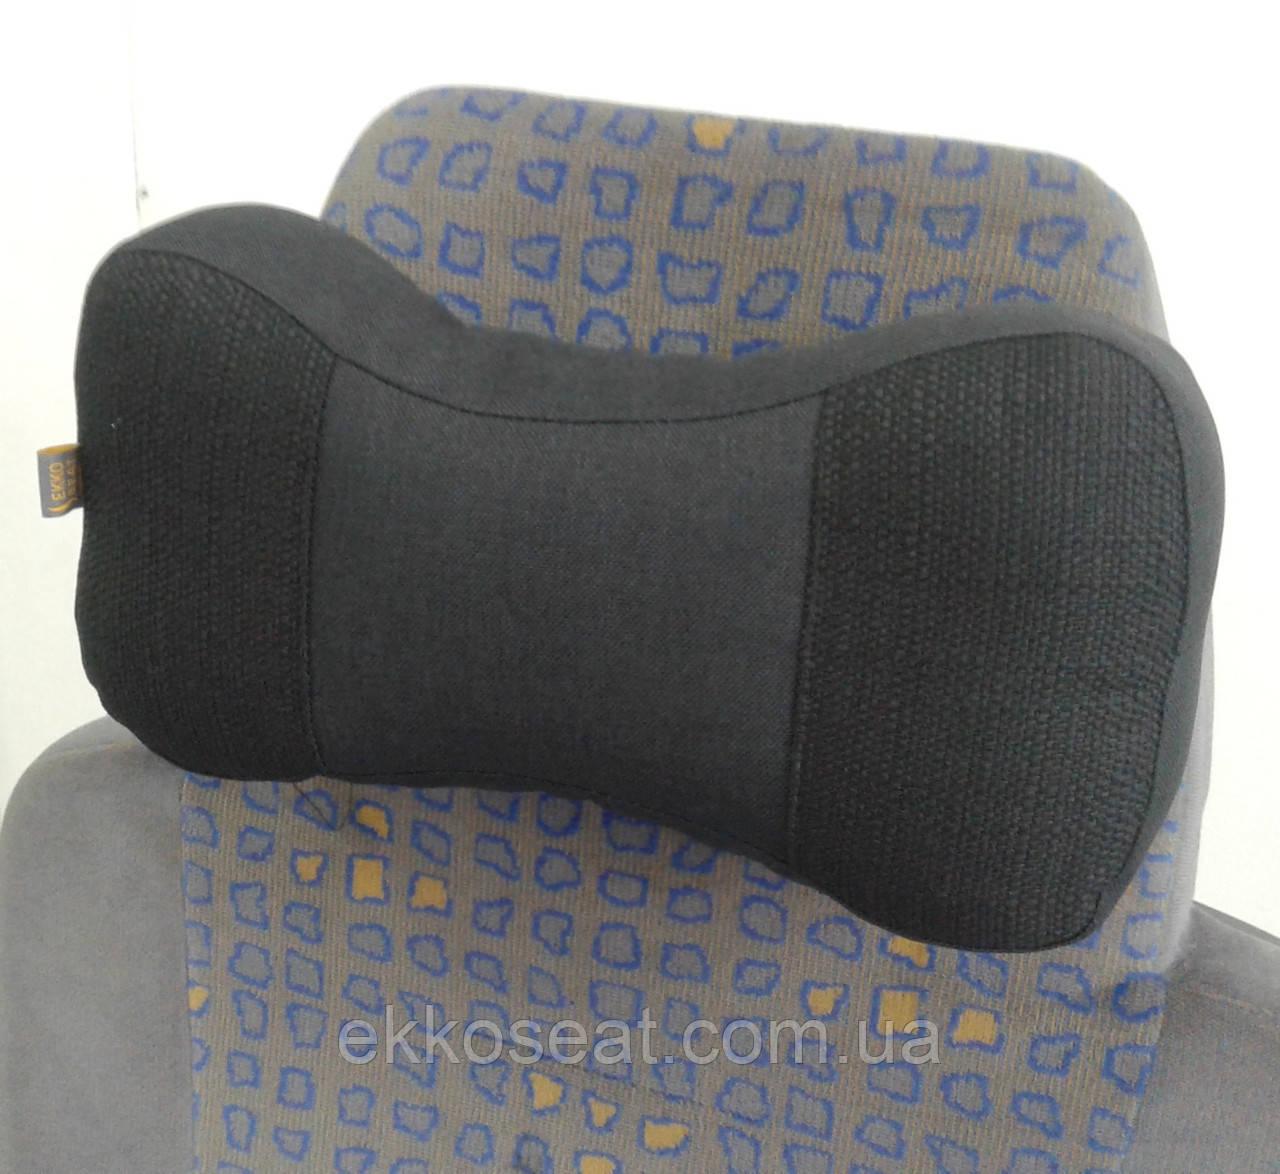 Подушка ортопедическая при остеохондрозе для шеи EKKOSEAT  - трёхсекционная. Черная, Серая, Бежевая.